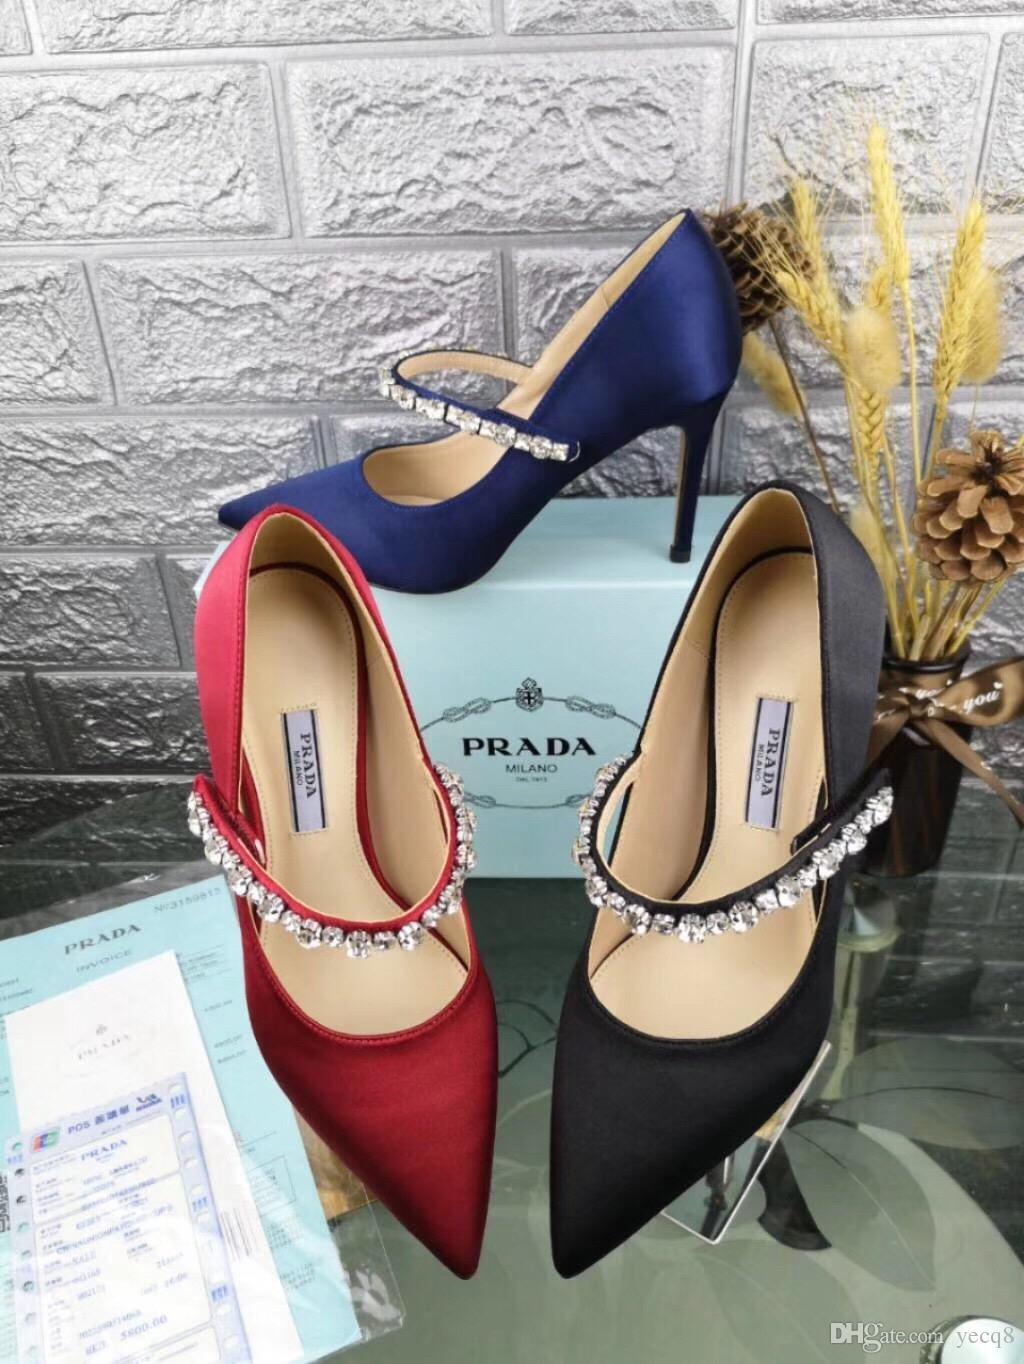 2a1fe8879f Compre Zapatos De Mujer Sexy Med Heels Bombas Sandalias Vestido De Fiesta  OL Pump Encantador Elegante Serpiente Impreso Cuero Mulas Zapatos A $74.43  Del ...